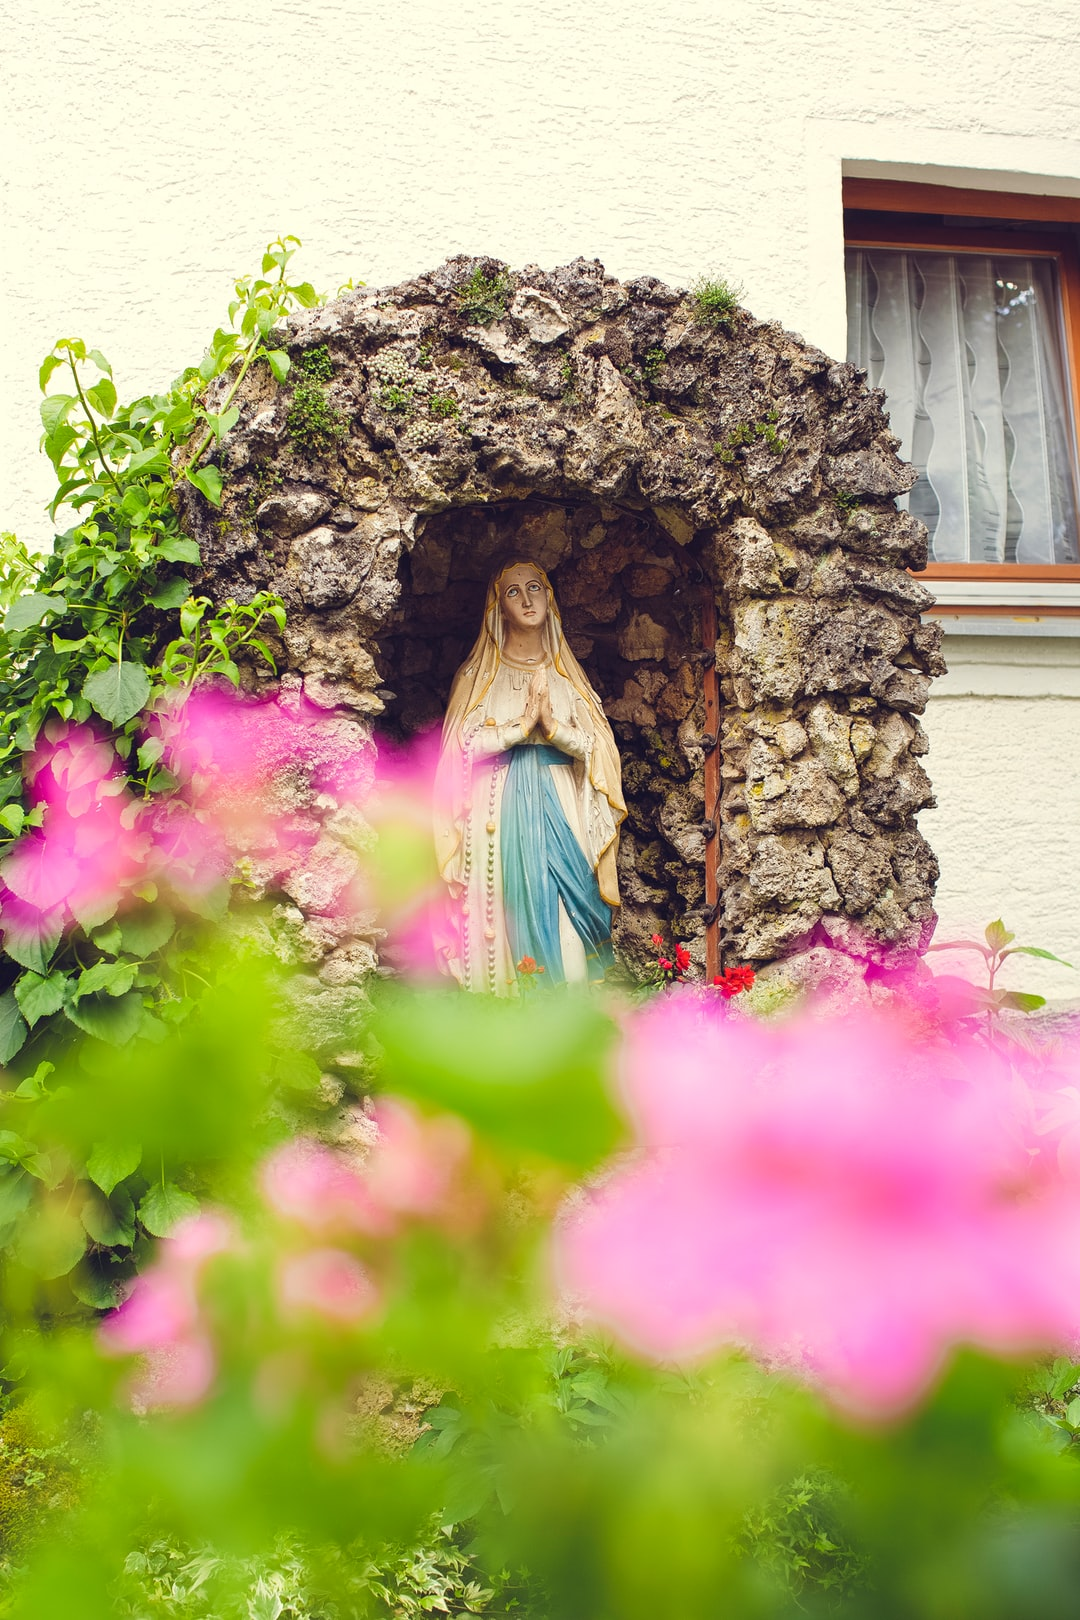 Catholic religious symbol: Maria - mother of god